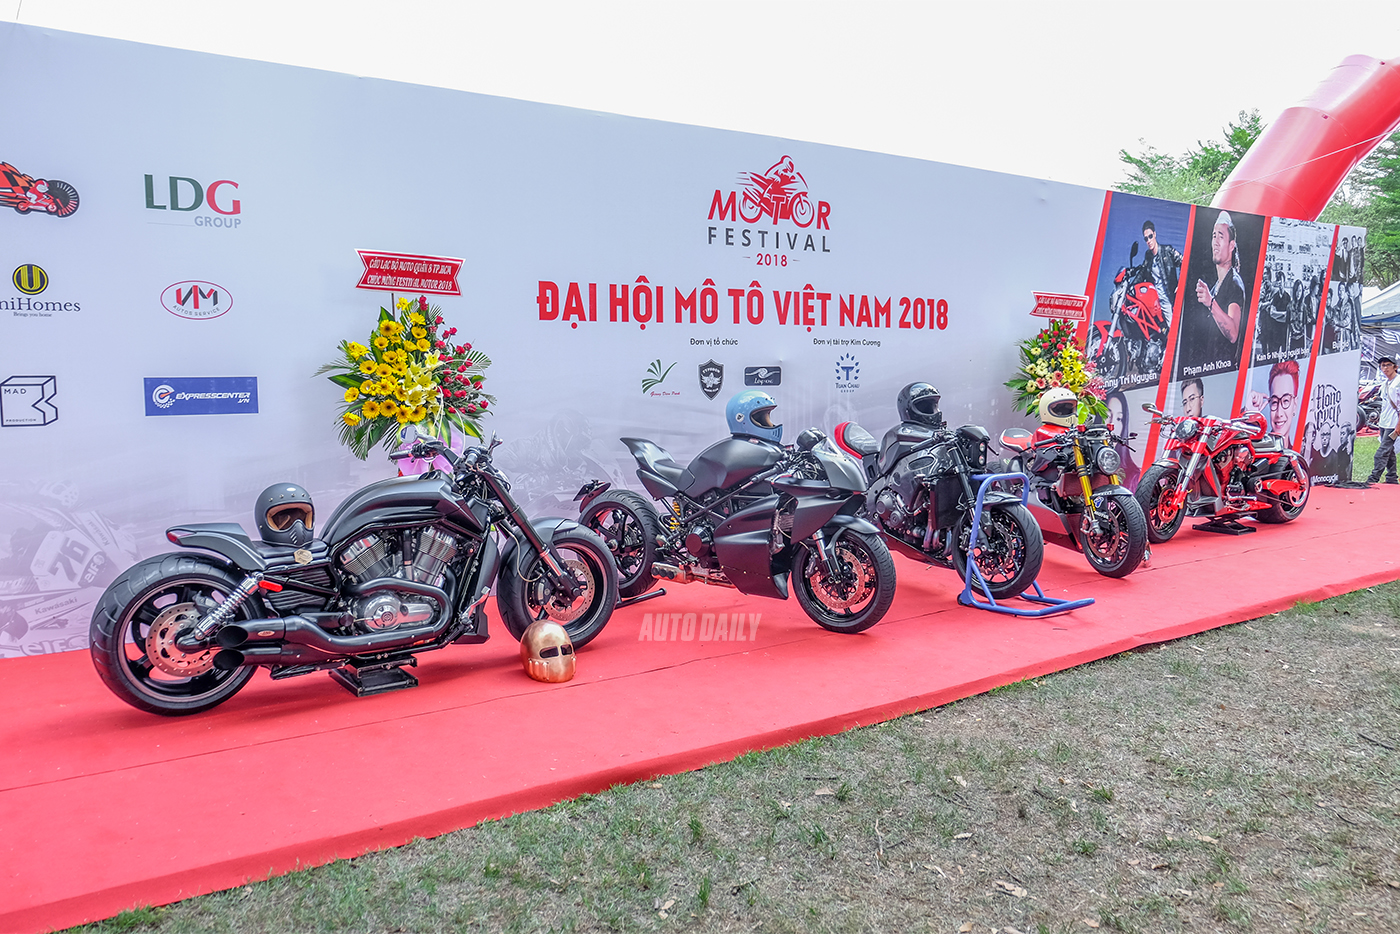 vietnam-motor-festival-2018-3.jpg